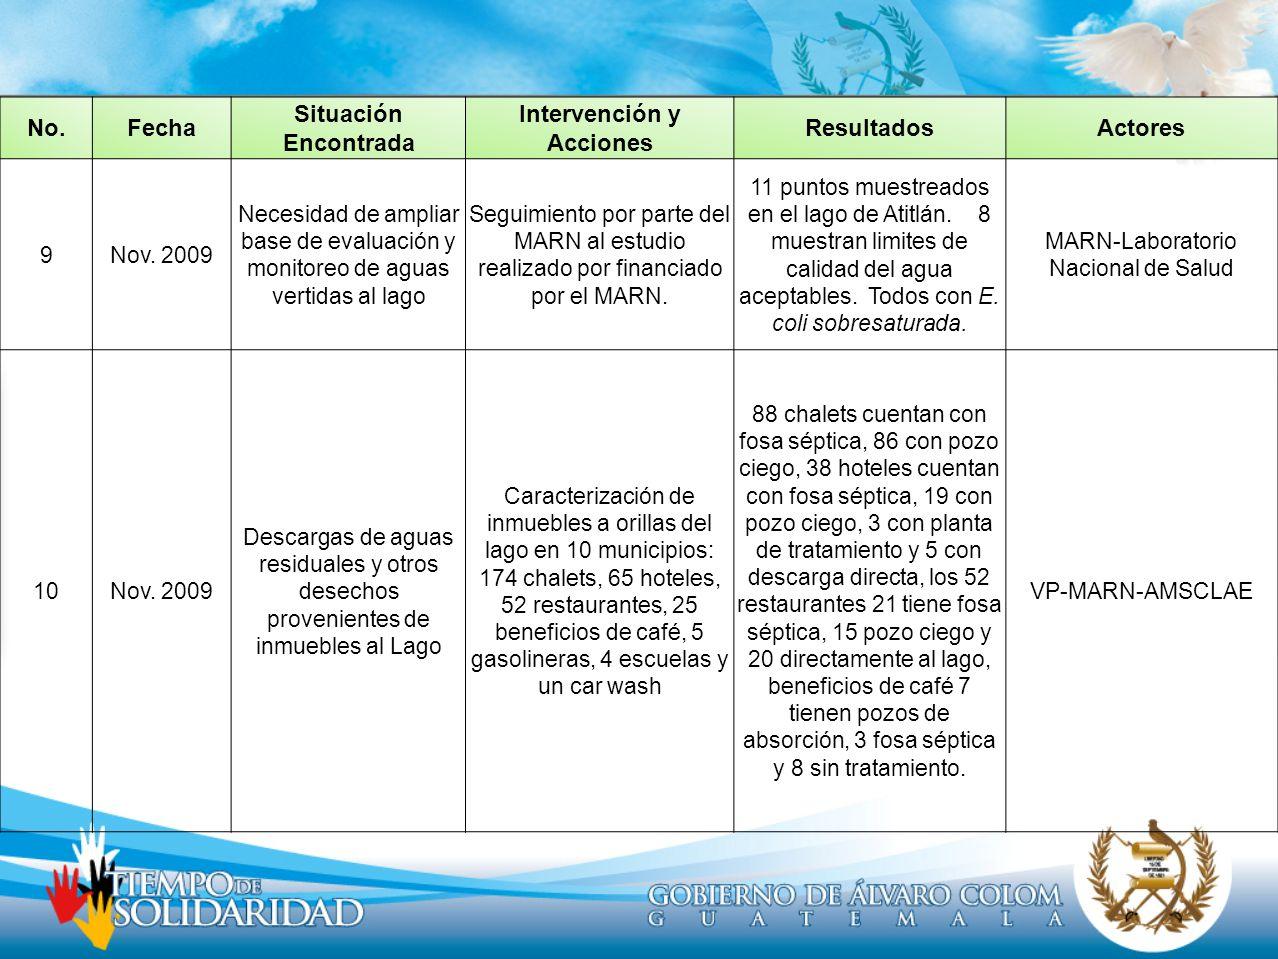 No.Fecha Situación Encontrada Intervención y Acciones ResultadosActores 9Nov. 2009 Necesidad de ampliar base de evaluación y monitoreo de aguas vertid